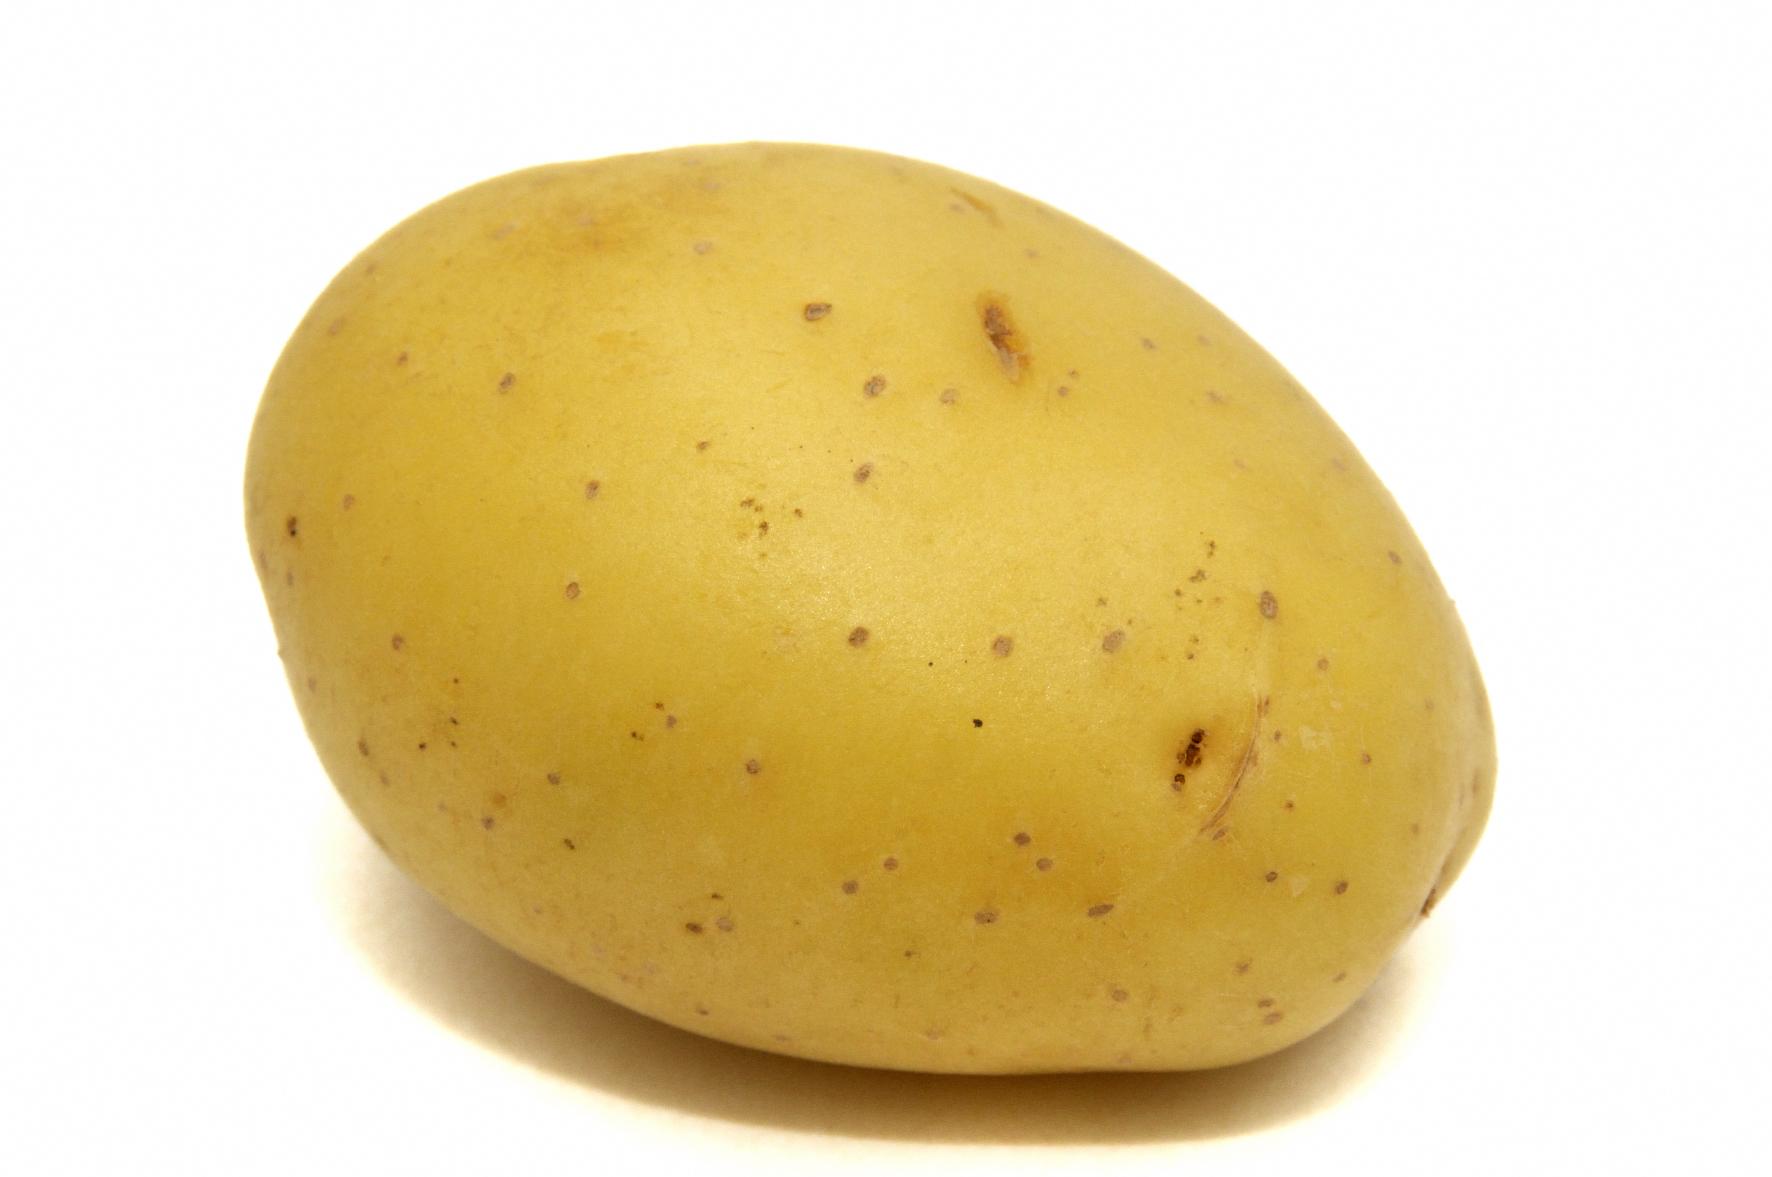 Potato 7 vegetable food food all image niffylux banque d 39 images images gratuites - Pommes de terre a la braise ...